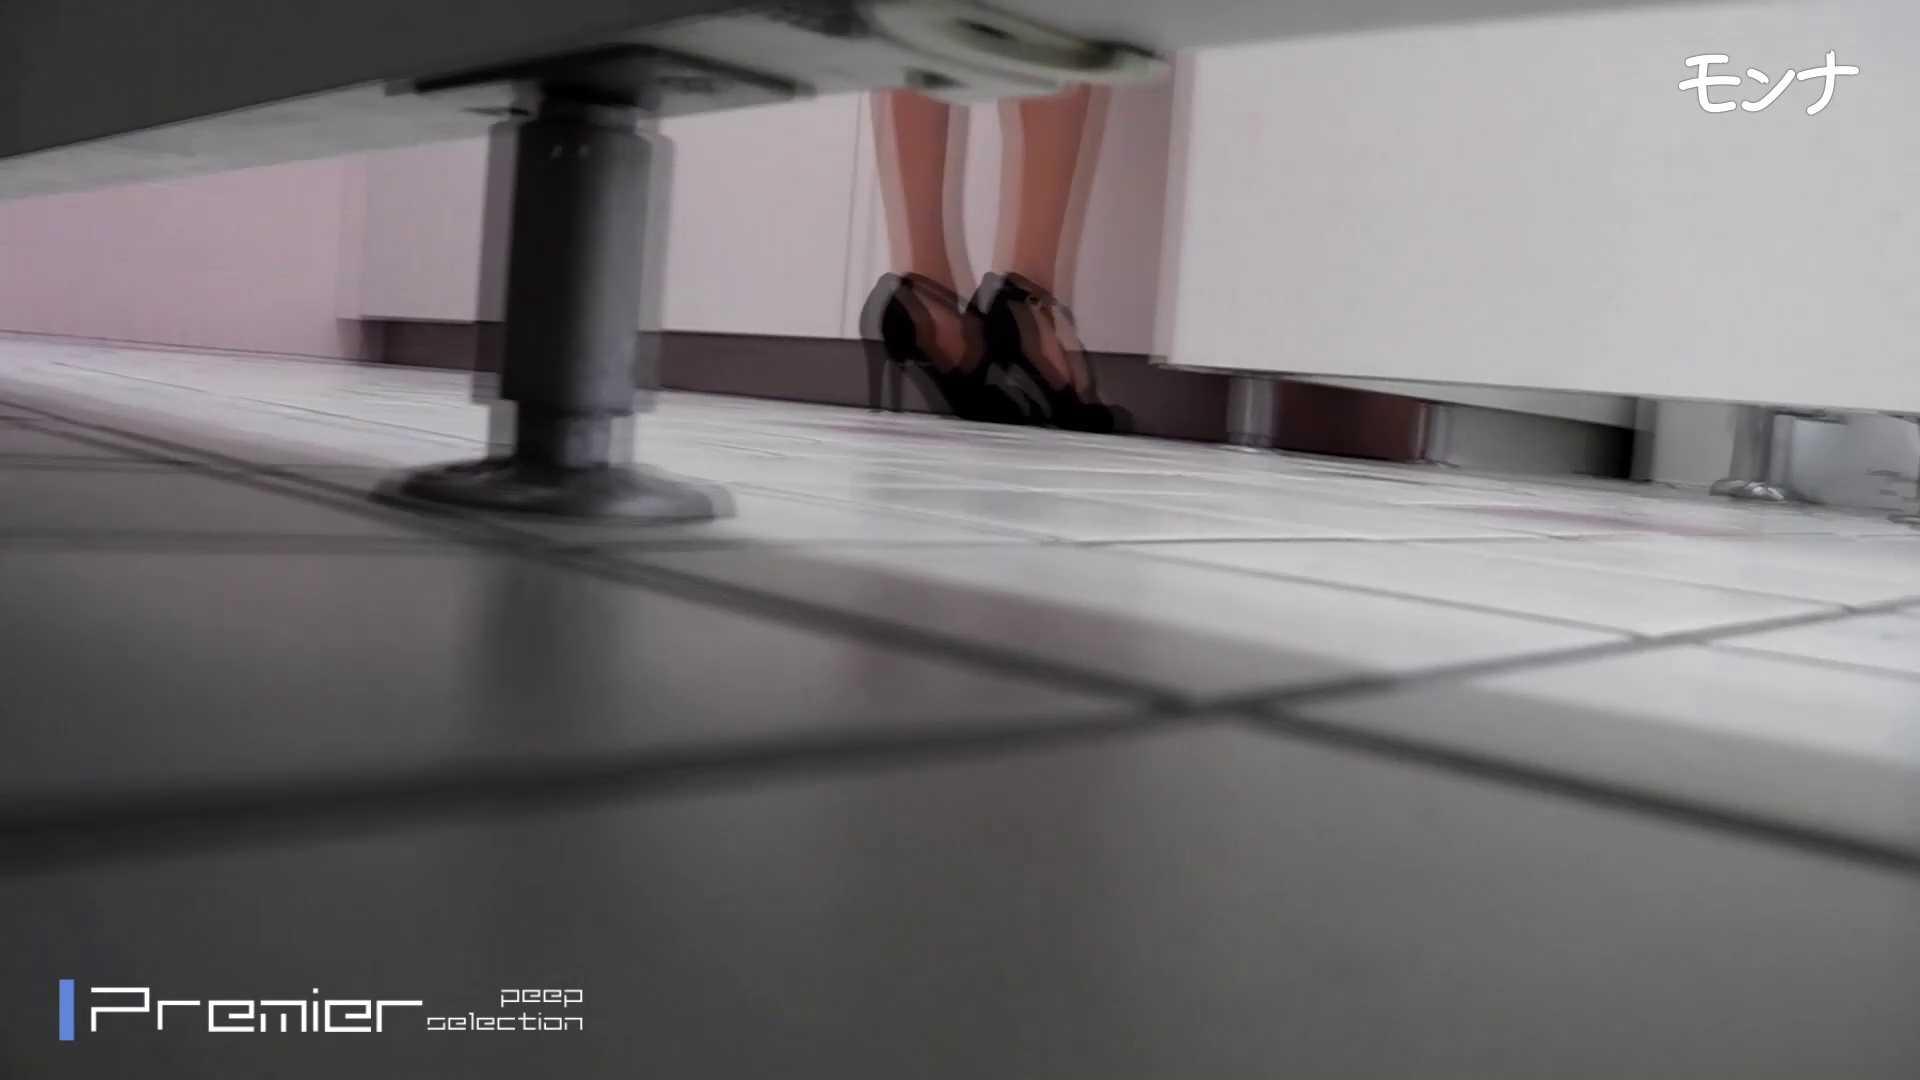 美しい日本の未来 No.84この美脚と距離感 覗き   小悪魔ギャル  111枚 29